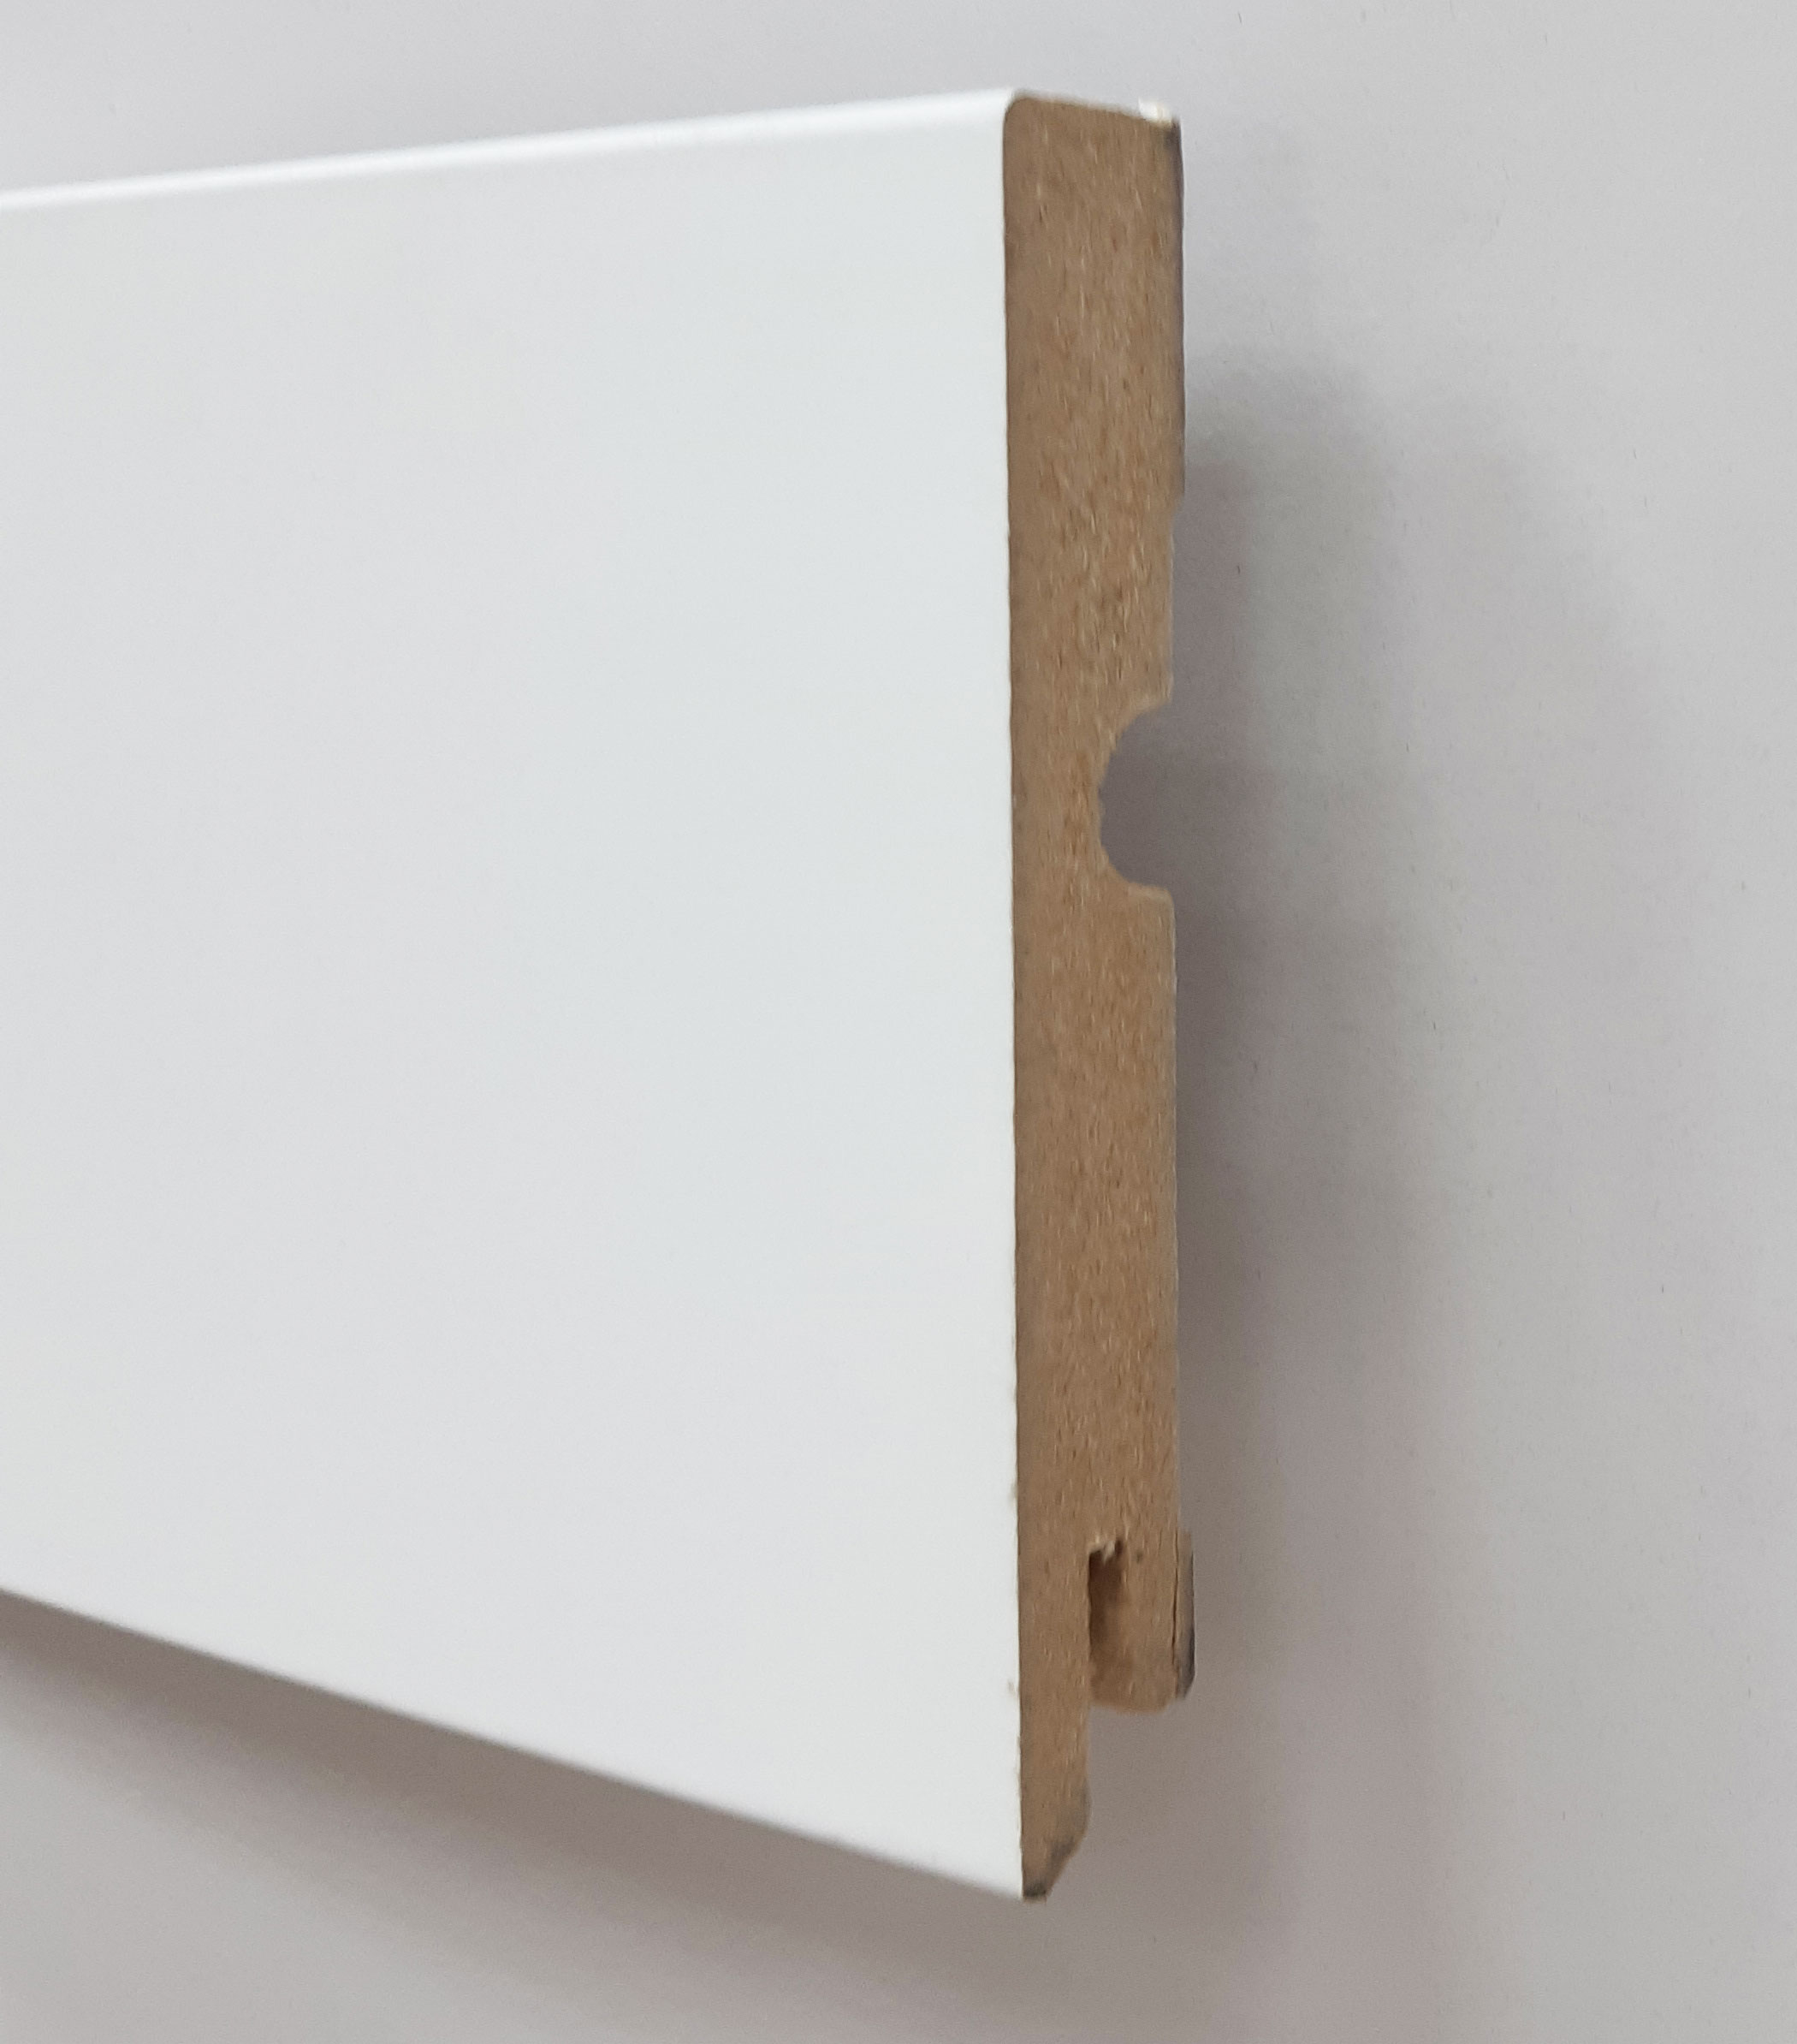 Plinthe de haute qualite - Plinthe mdf blanc 95x15 dinachoc bords carres - certifié pefc 70%